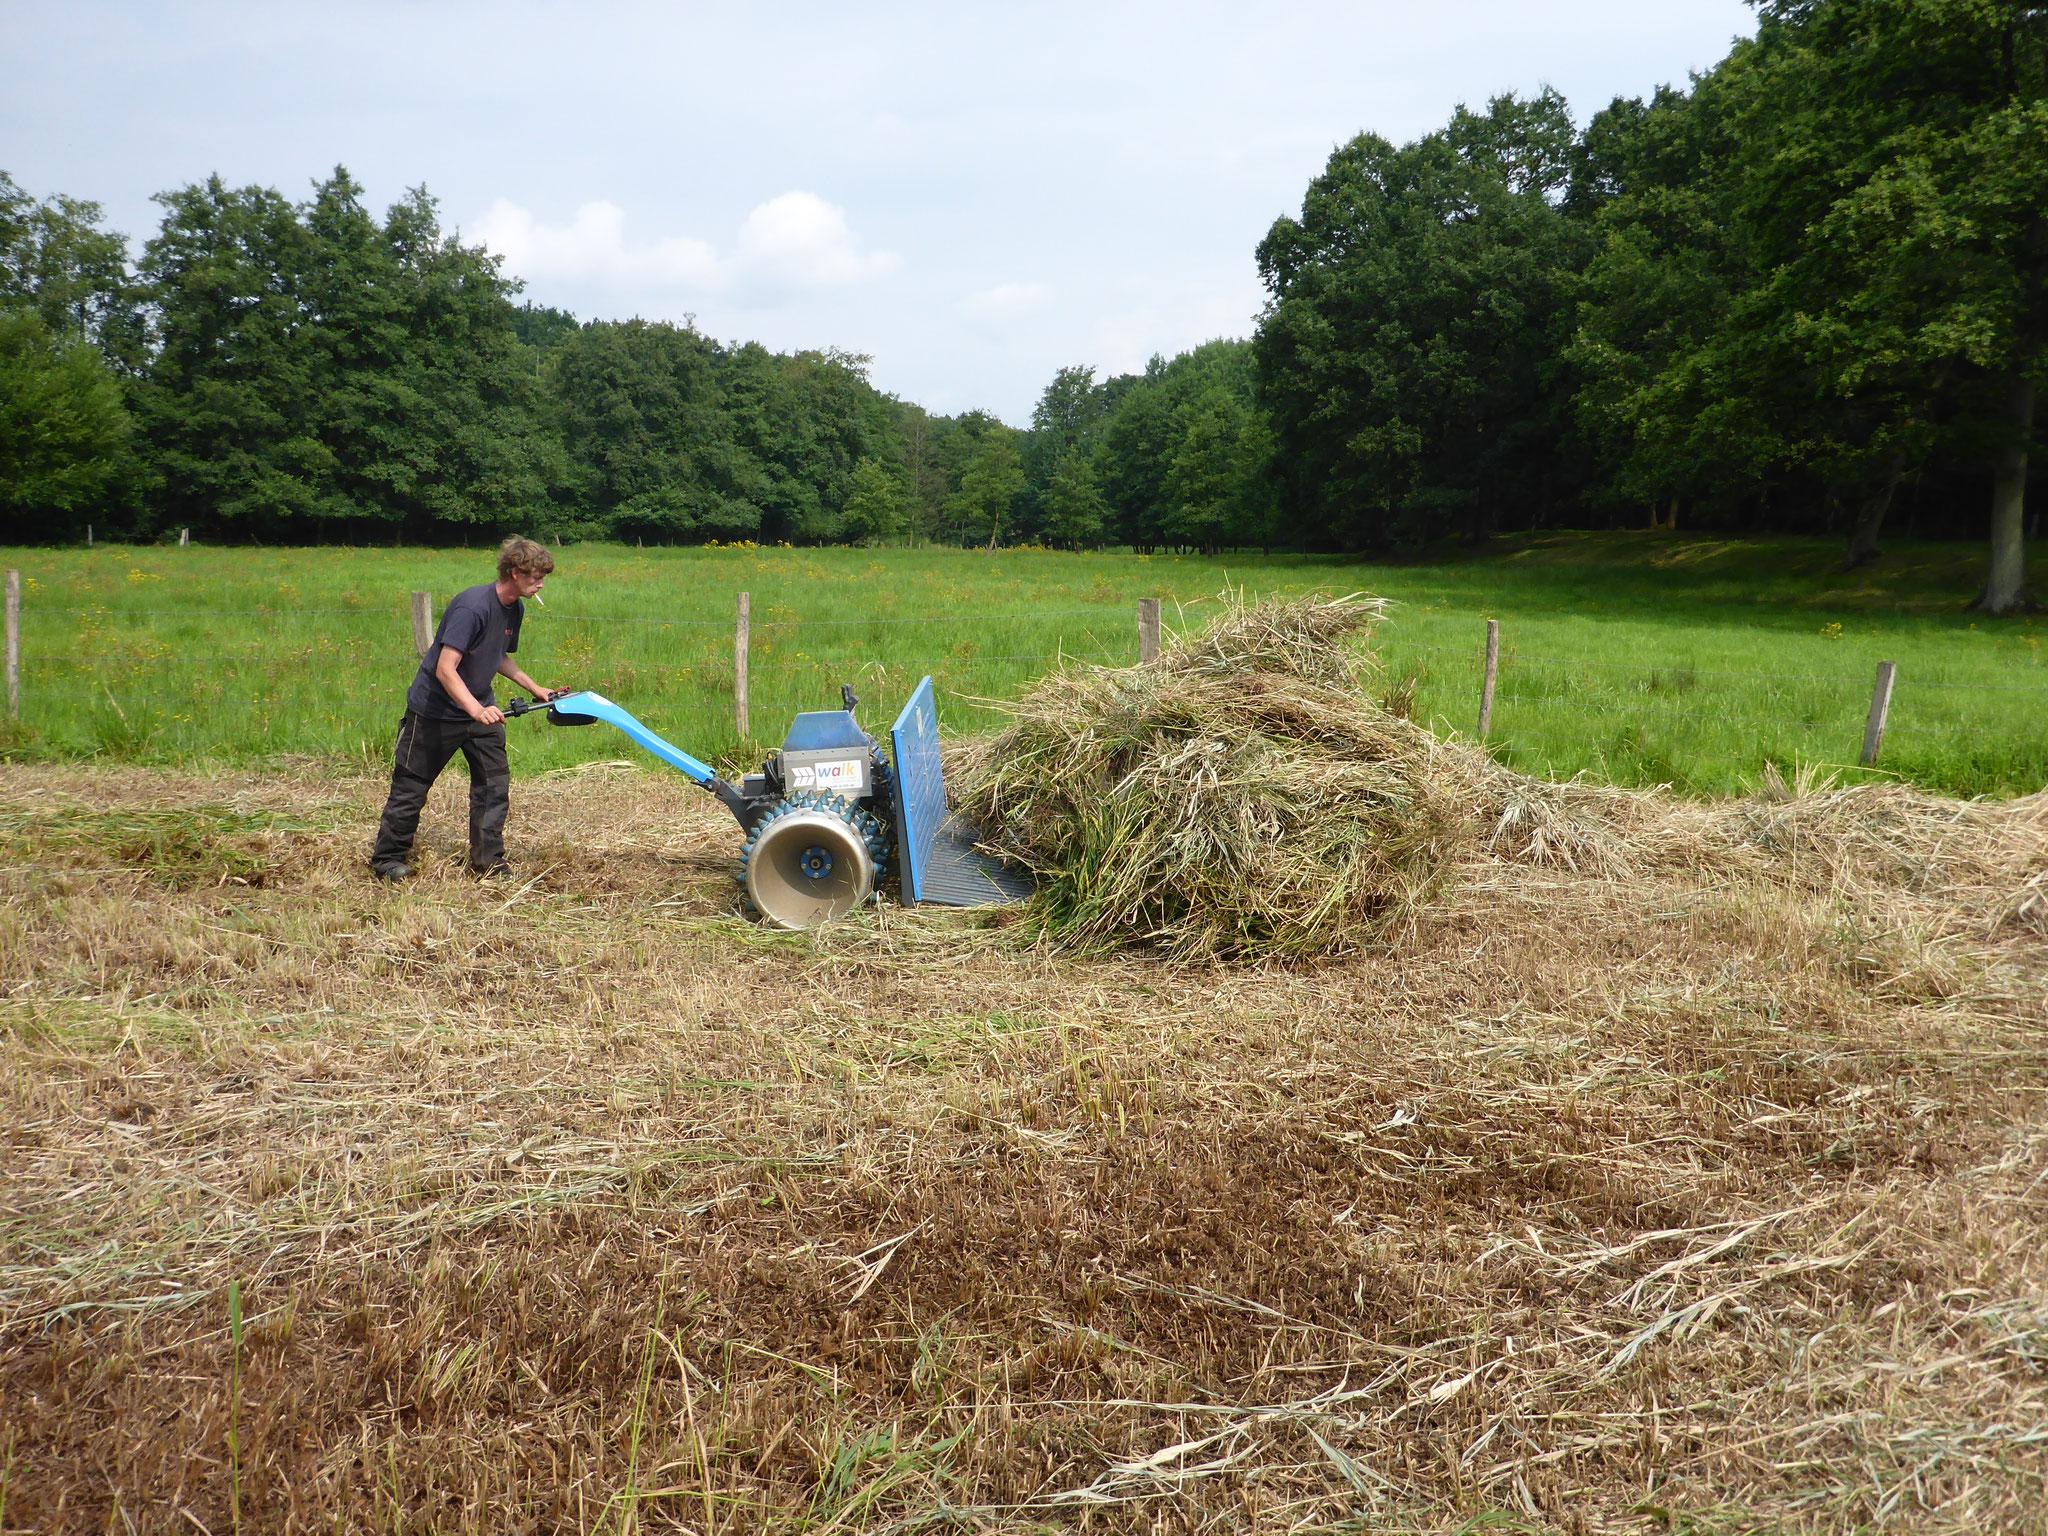 Die Alternative: Der Einsatz von Spezialgerät für nasse Flächen. Dies hoffen wir dieses Jahr mit Hilfe von Spenden durchführen zu können - nächstes Jahr können wir dann hoffentlich wieder selber anpacken!